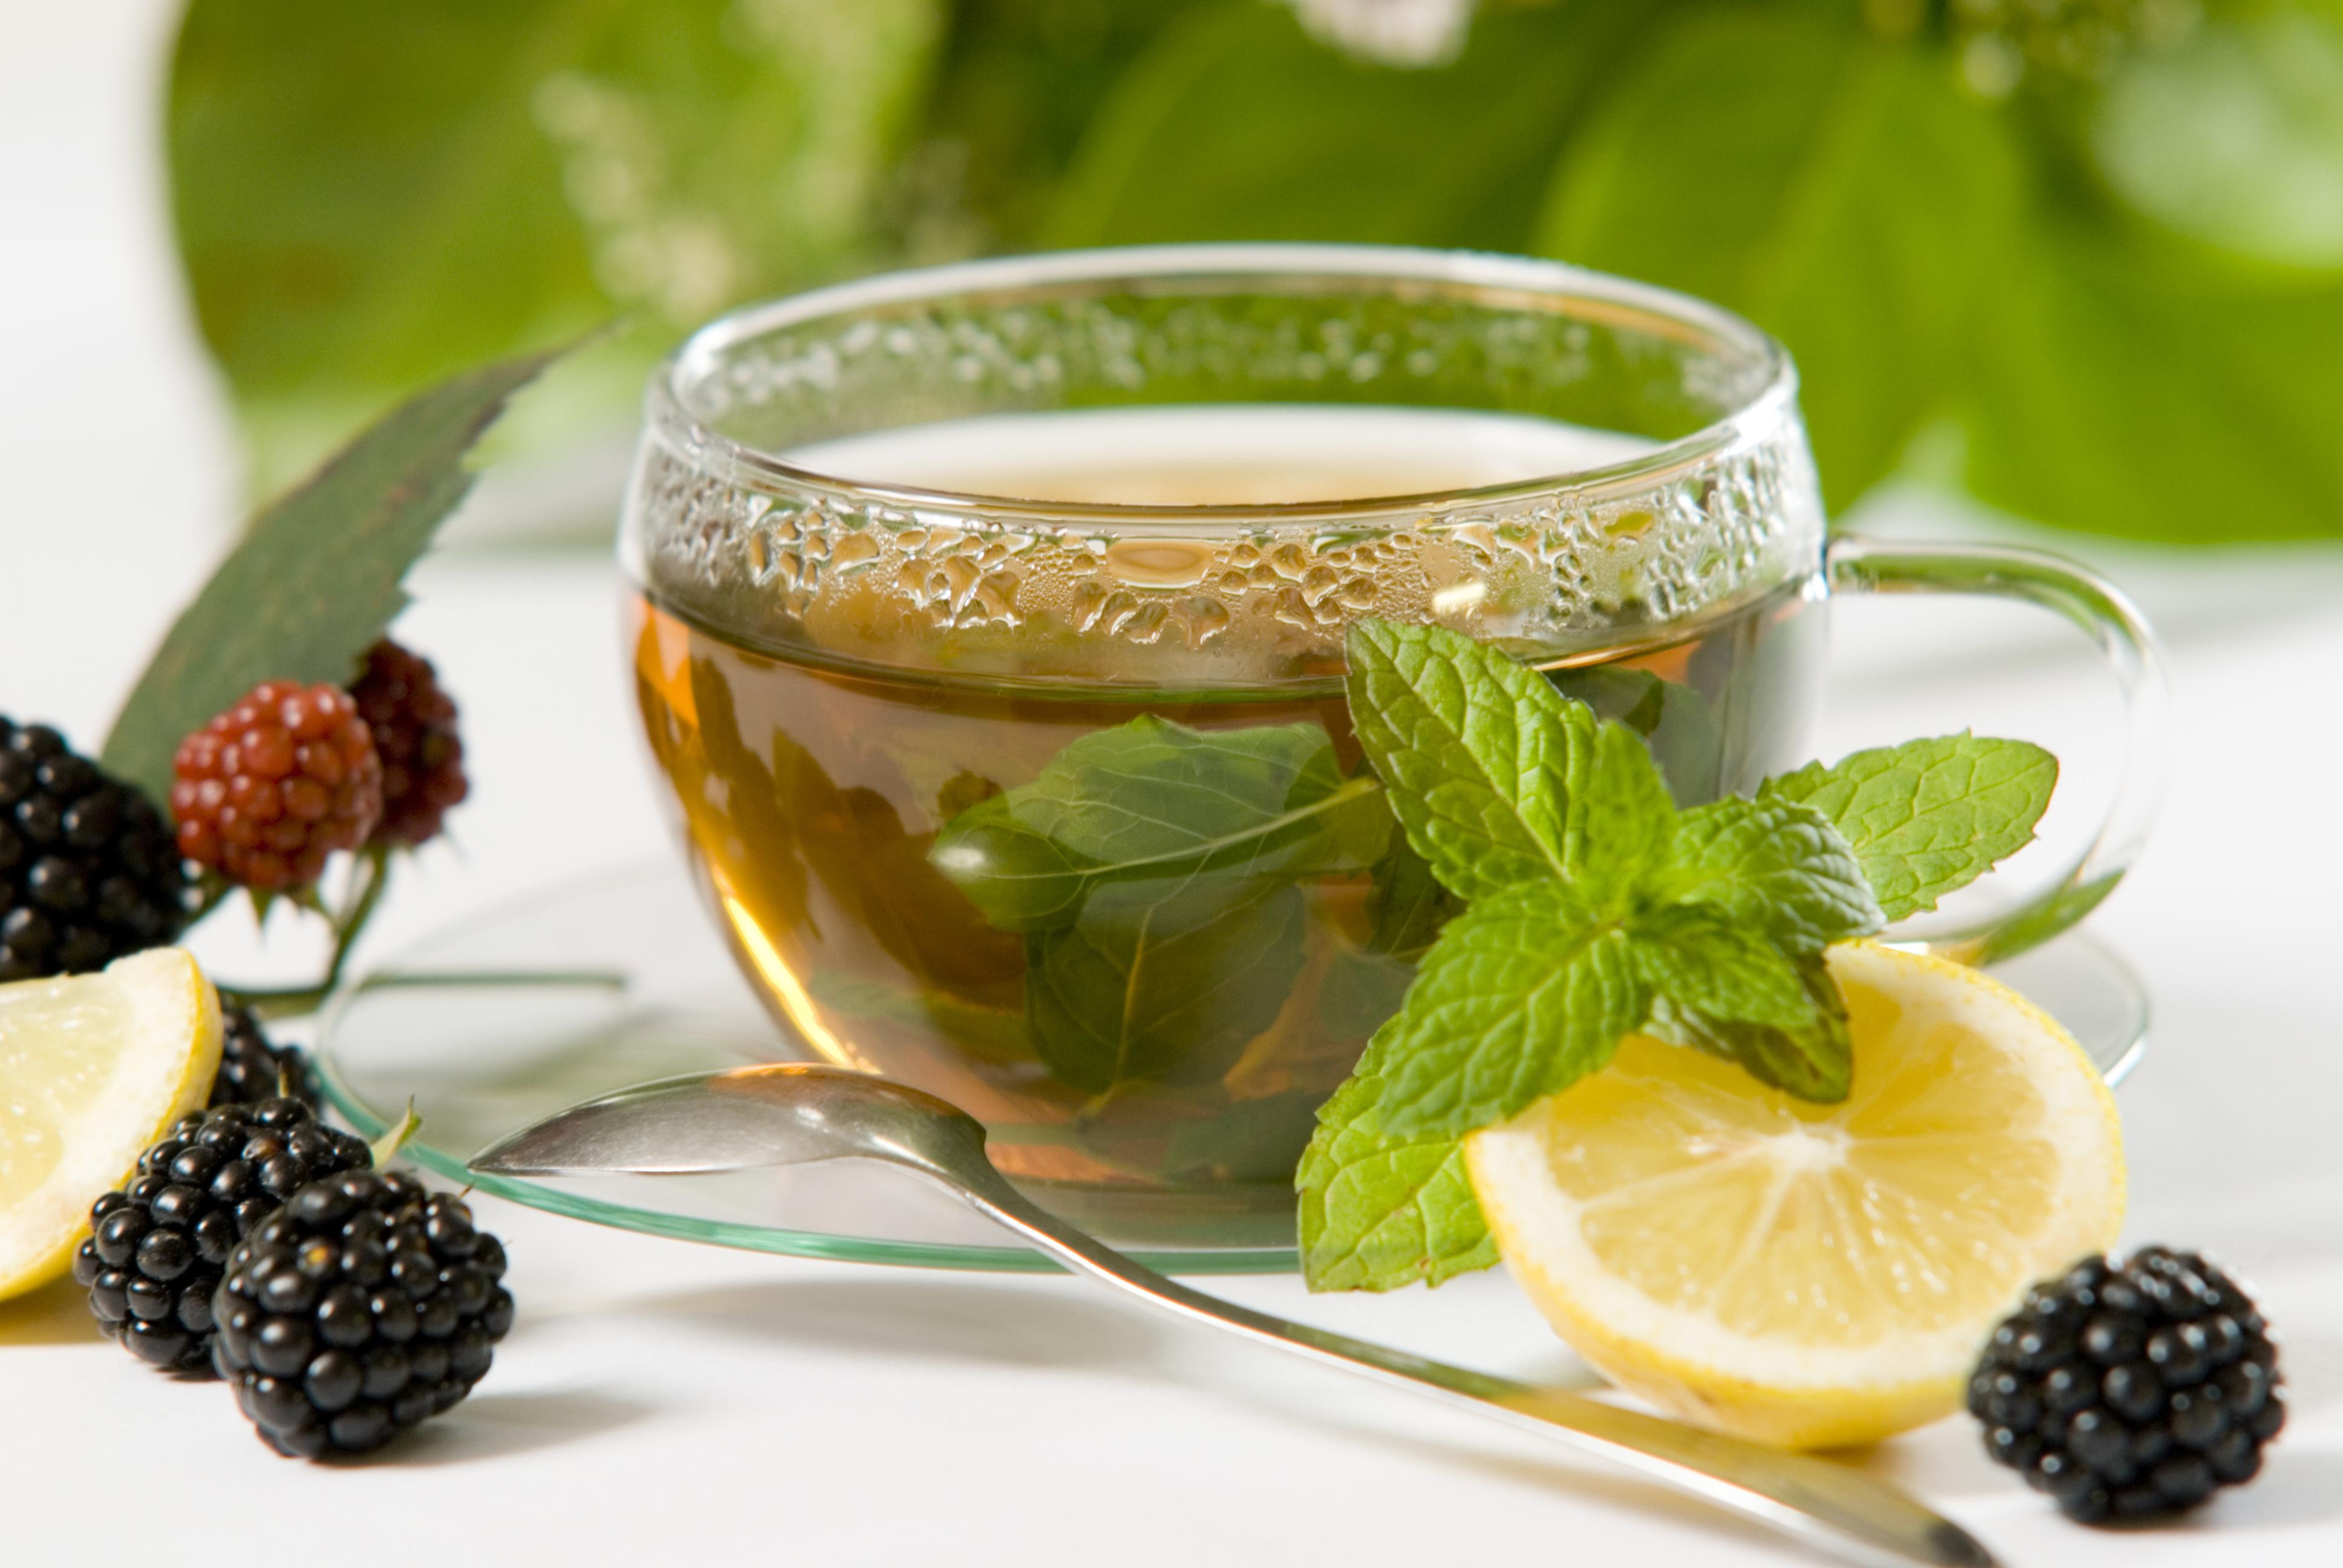 Чай и сухофрукты  № 674239 загрузить